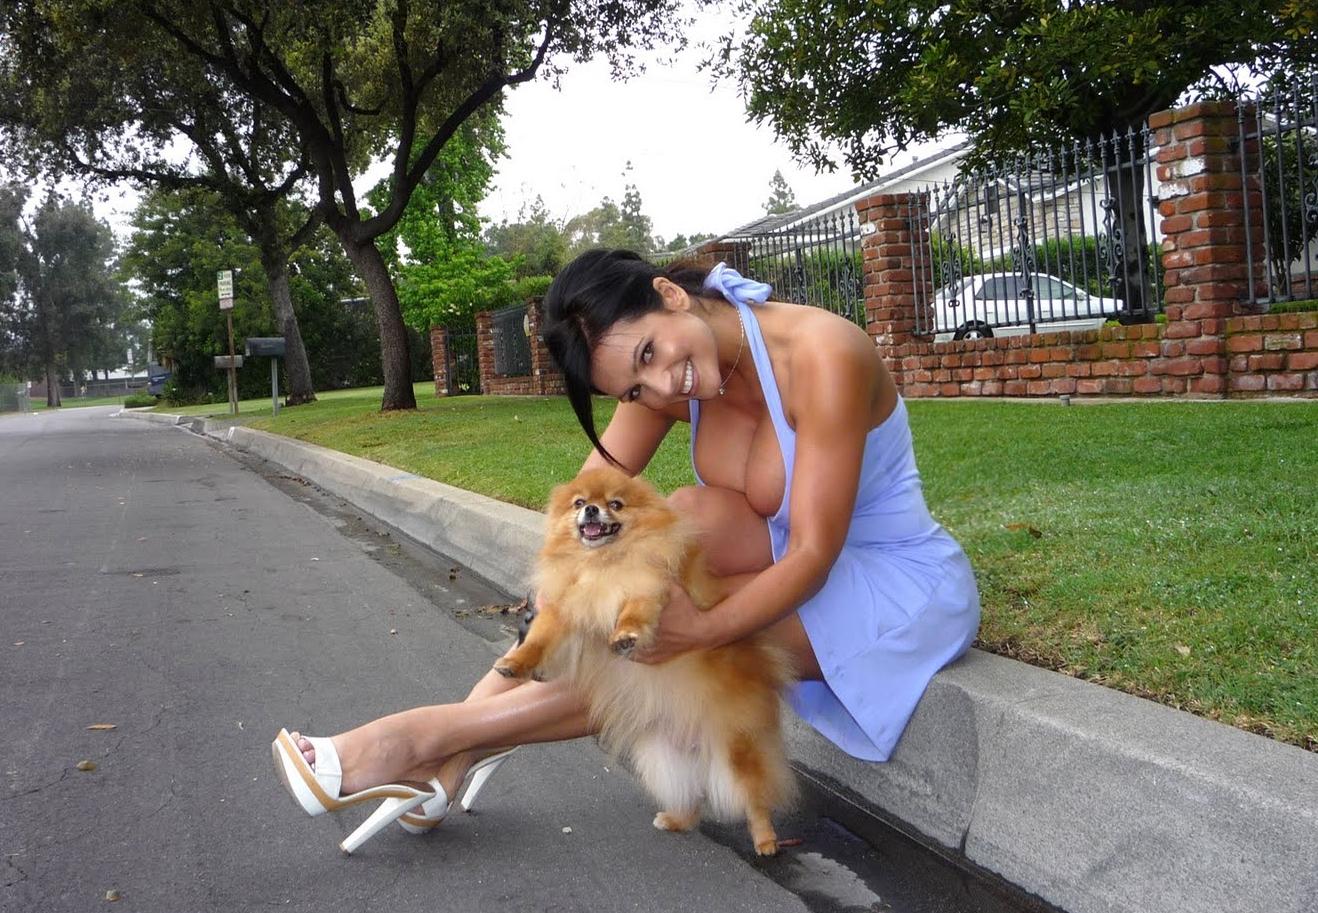 http://2.bp.blogspot.com/-p4UX5VtWtxE/TfmK-ho6RBI/AAAAAAAAAog/KnP7hMGVFgw/s1600/denise+milani+profile_020.jpg